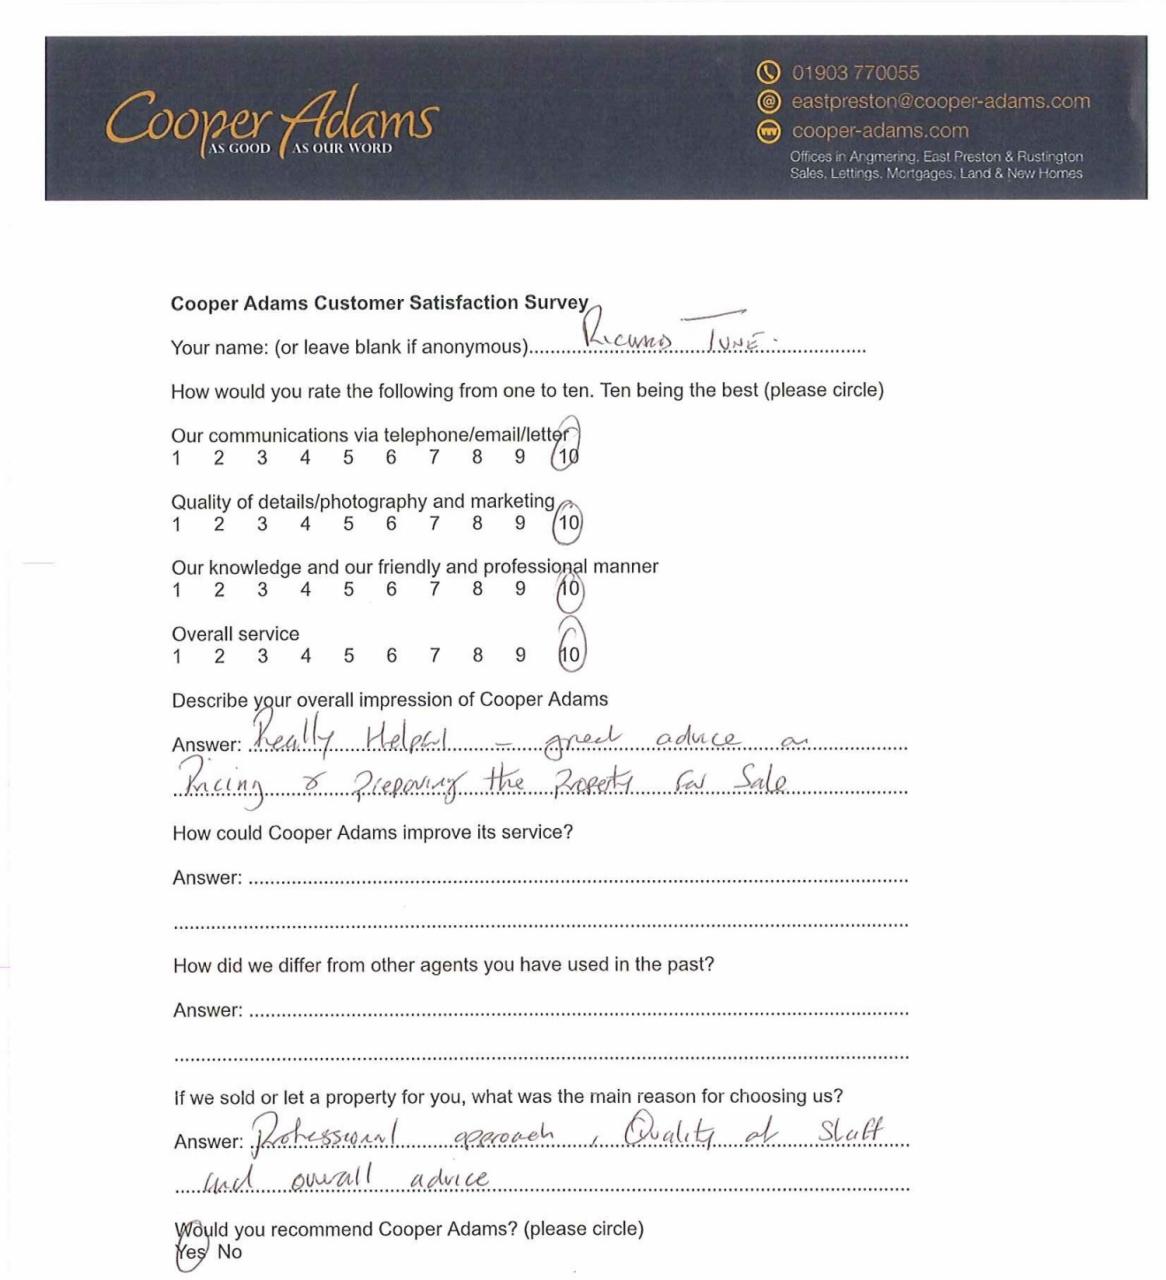 Customer satisfaction survey from Richard Tune